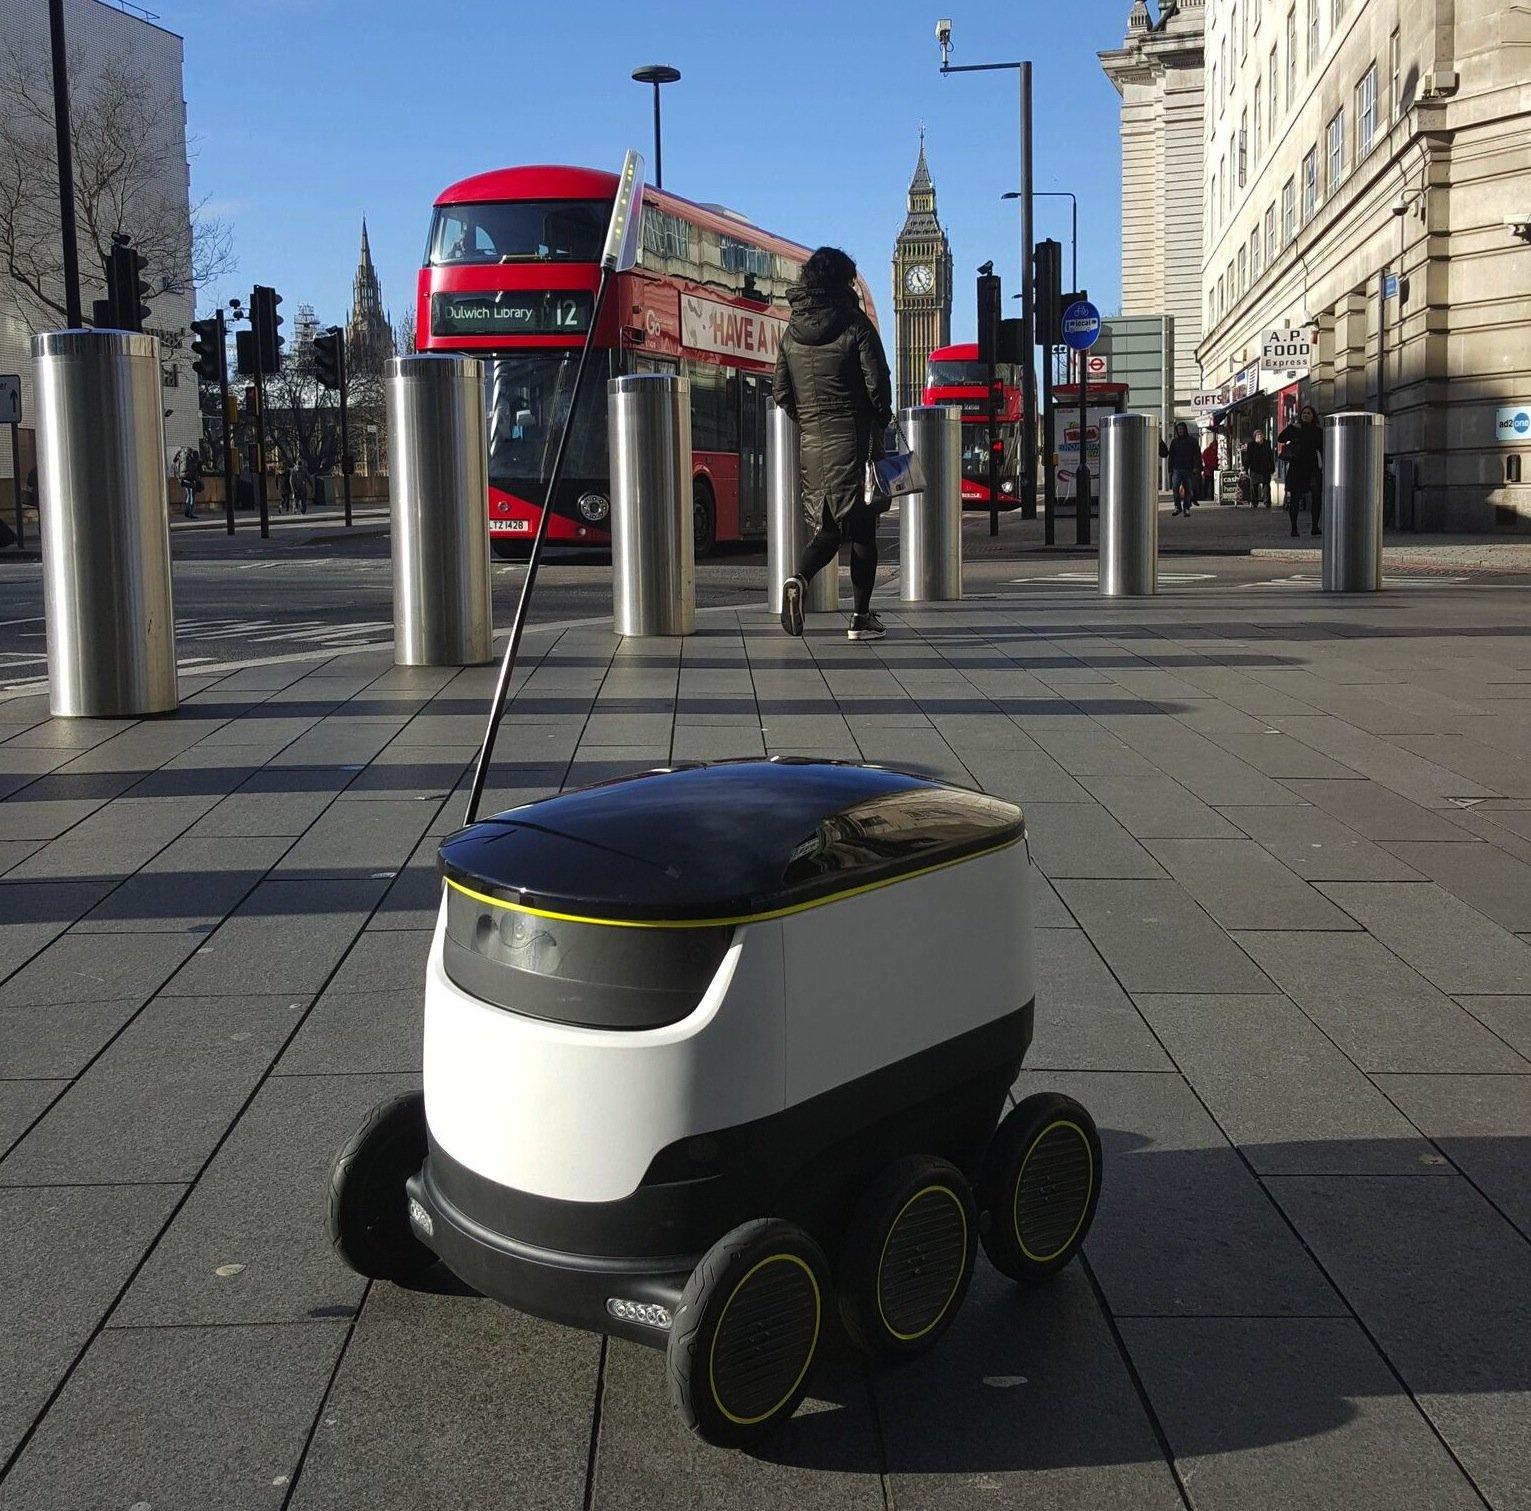 Der Starship-Roboter soll demnächst in London, Düsseldorf, Bern und einer weiteren deutschen Stadt getestet werden.